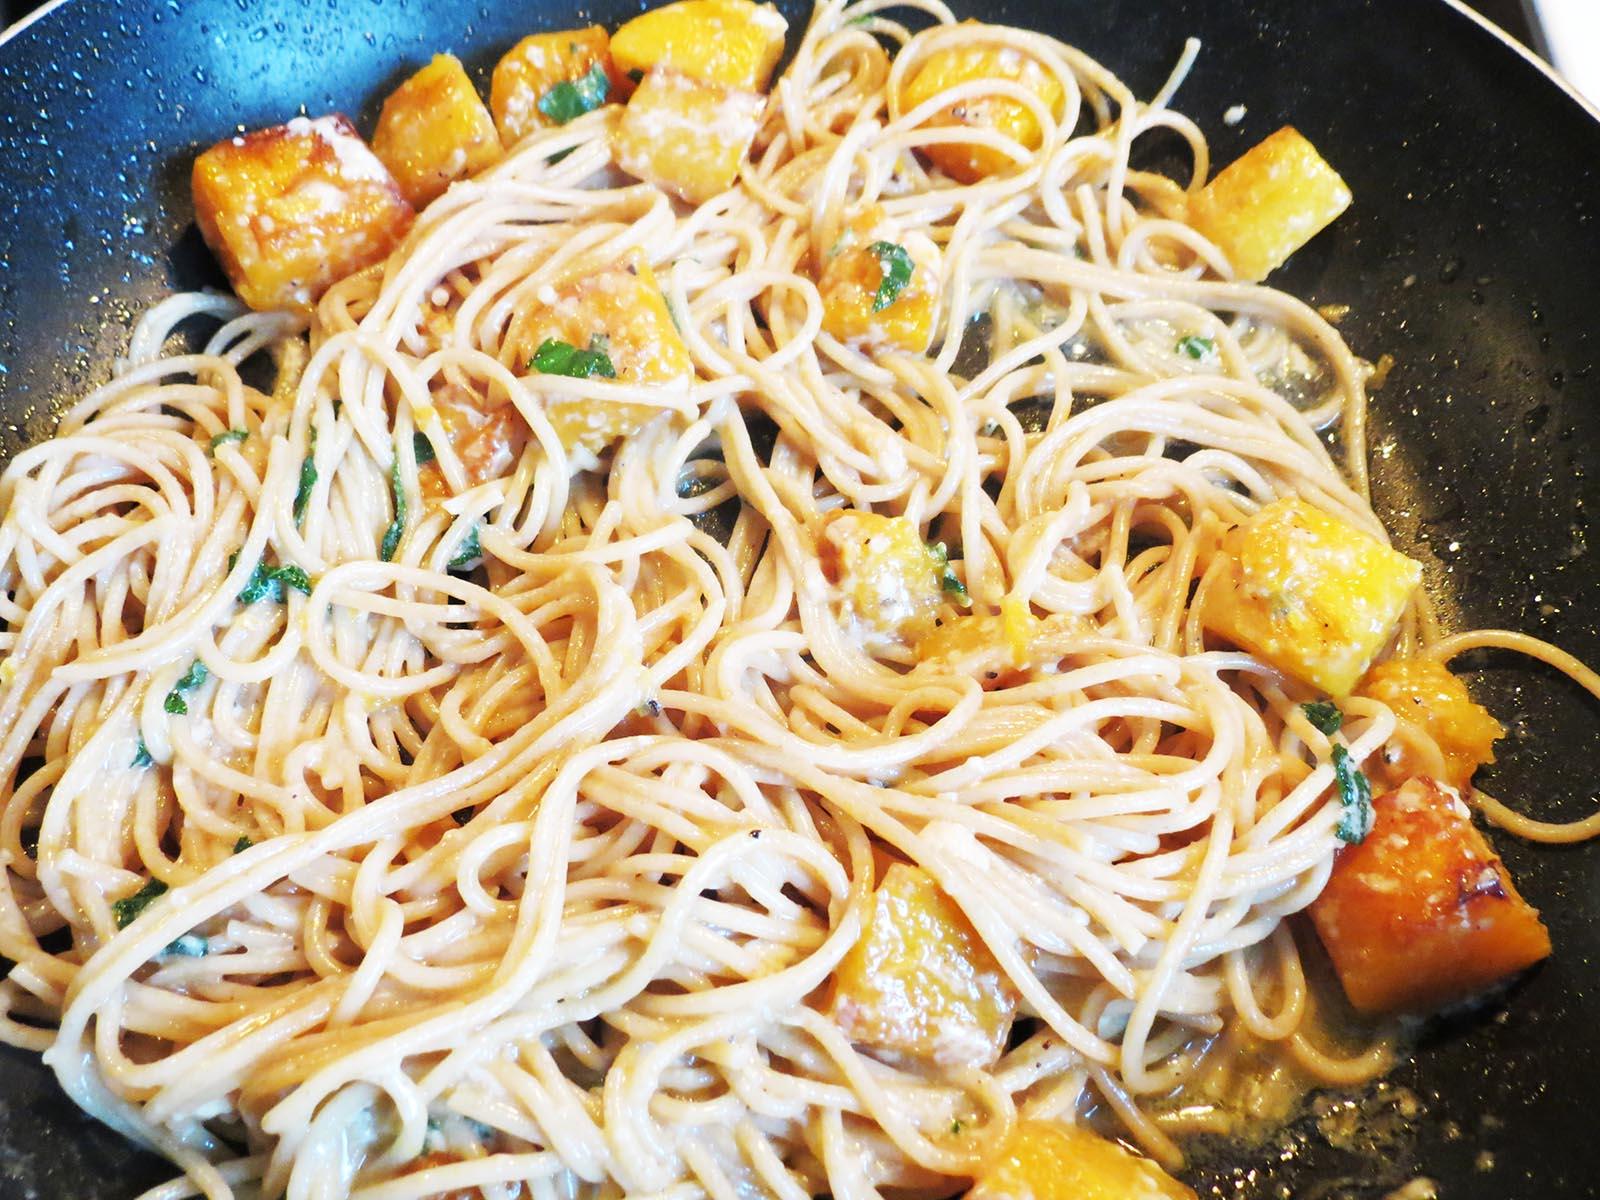 adding-pasta-to-squash